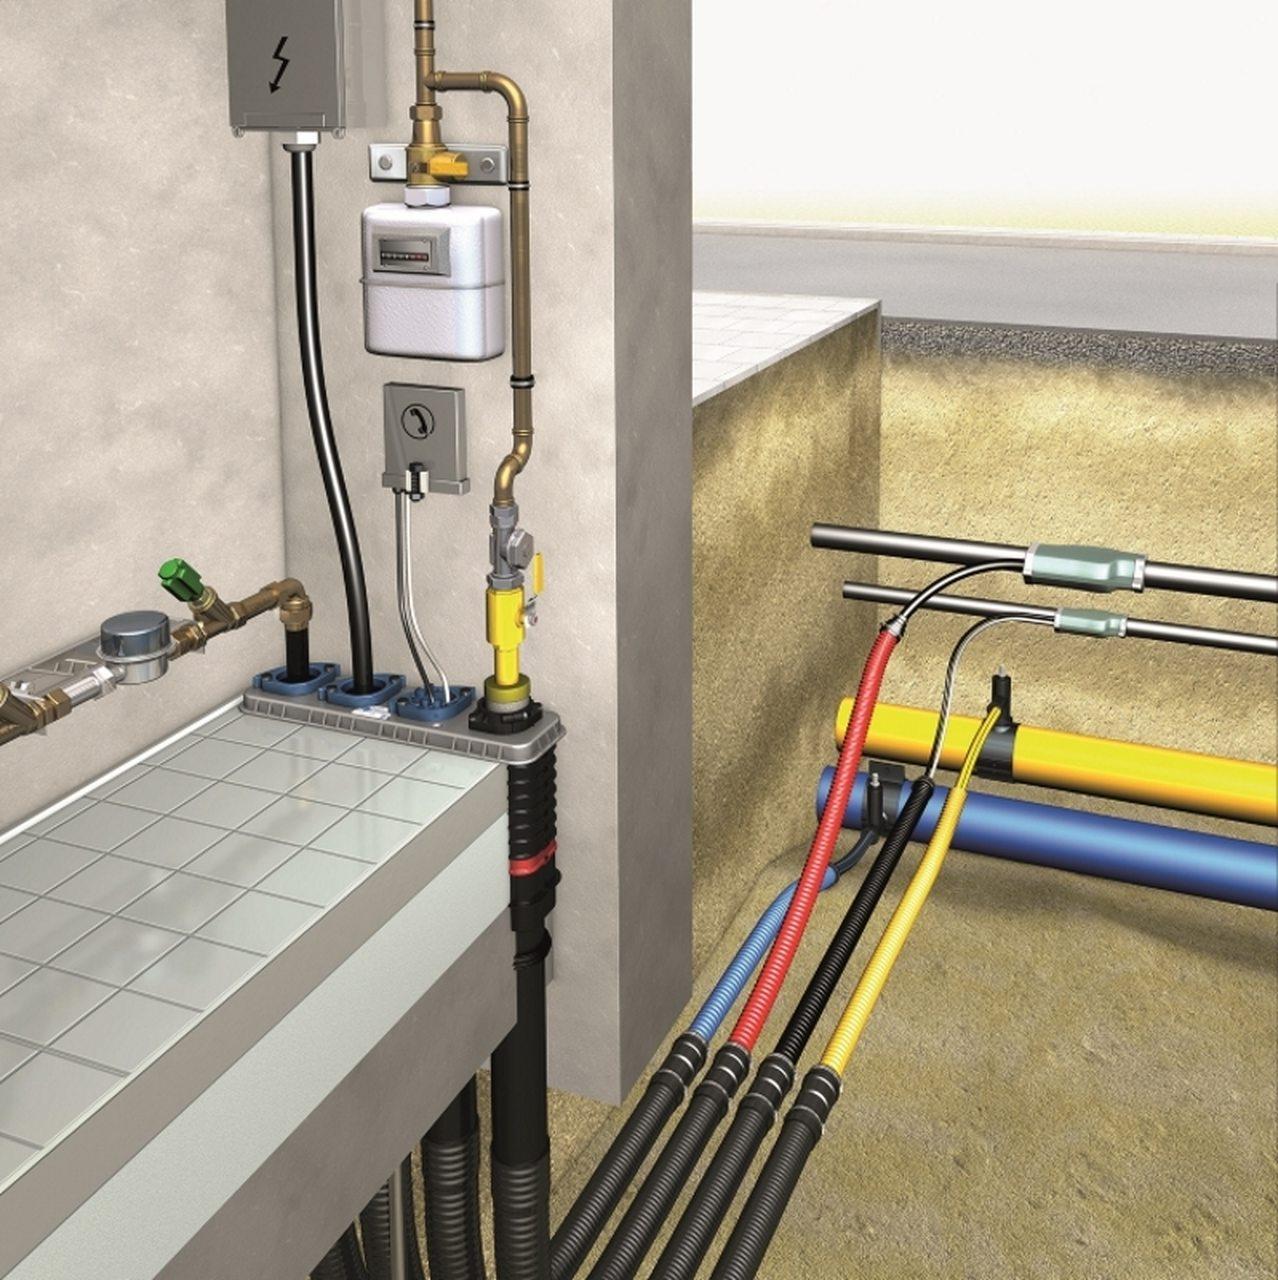 DOYMA Quadro-Secura BHP Mehrsparte Eco als Set (ohne Keller)